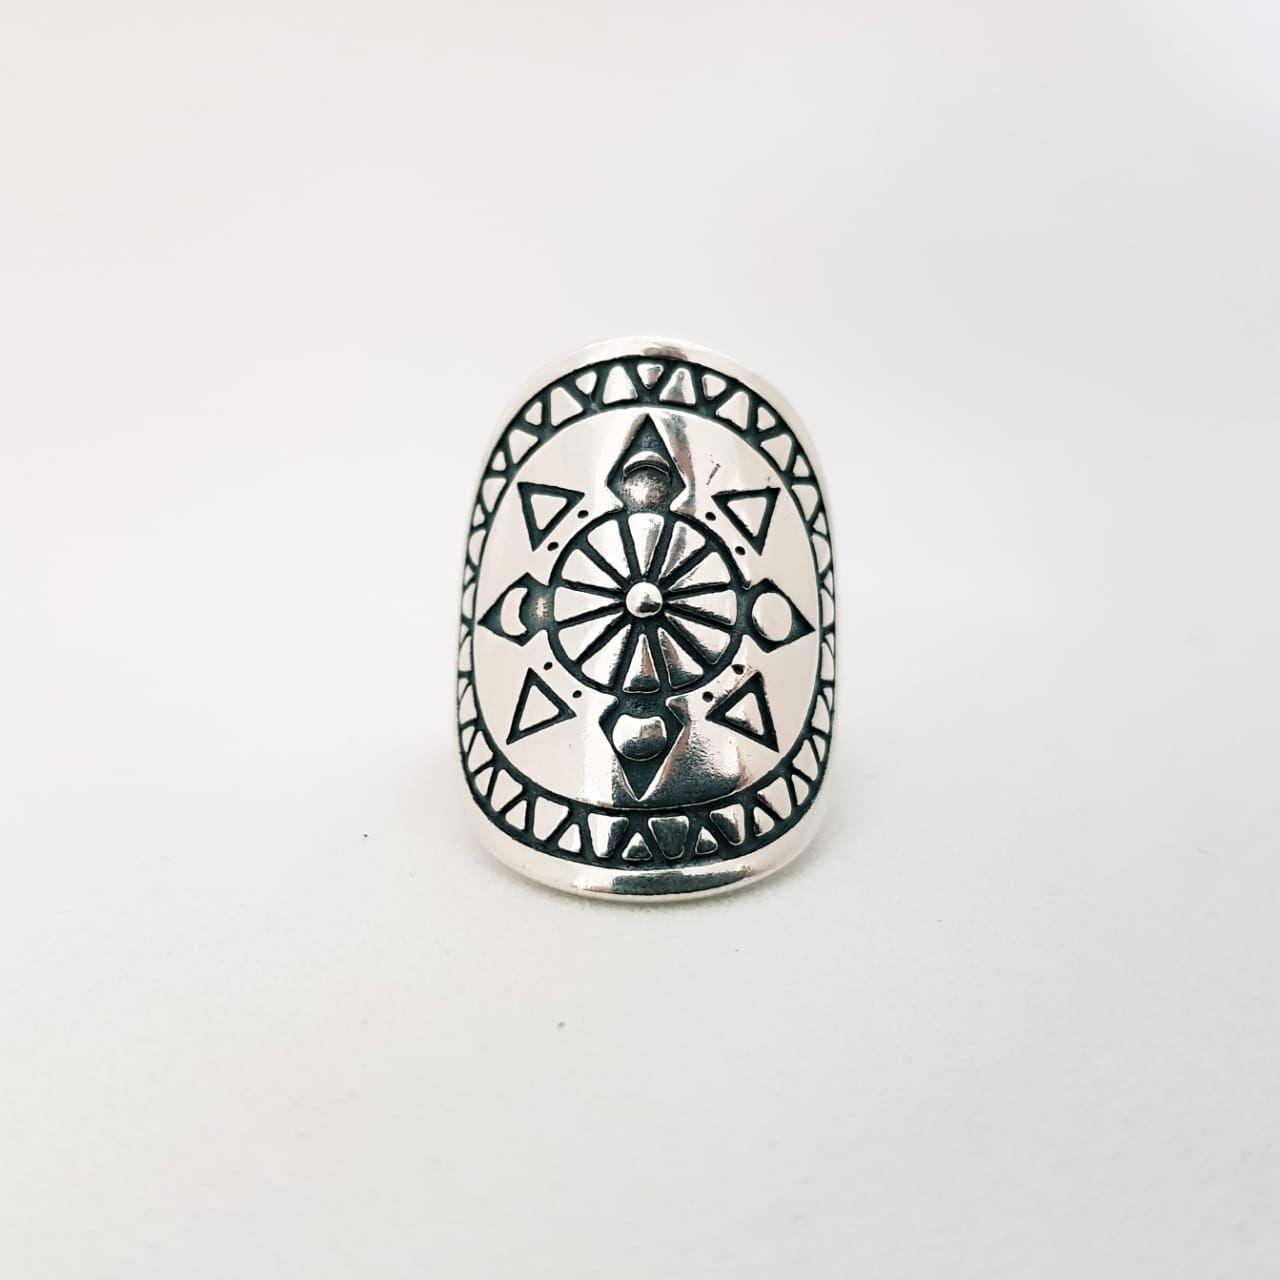 Anel de Prata Mandala com Setas